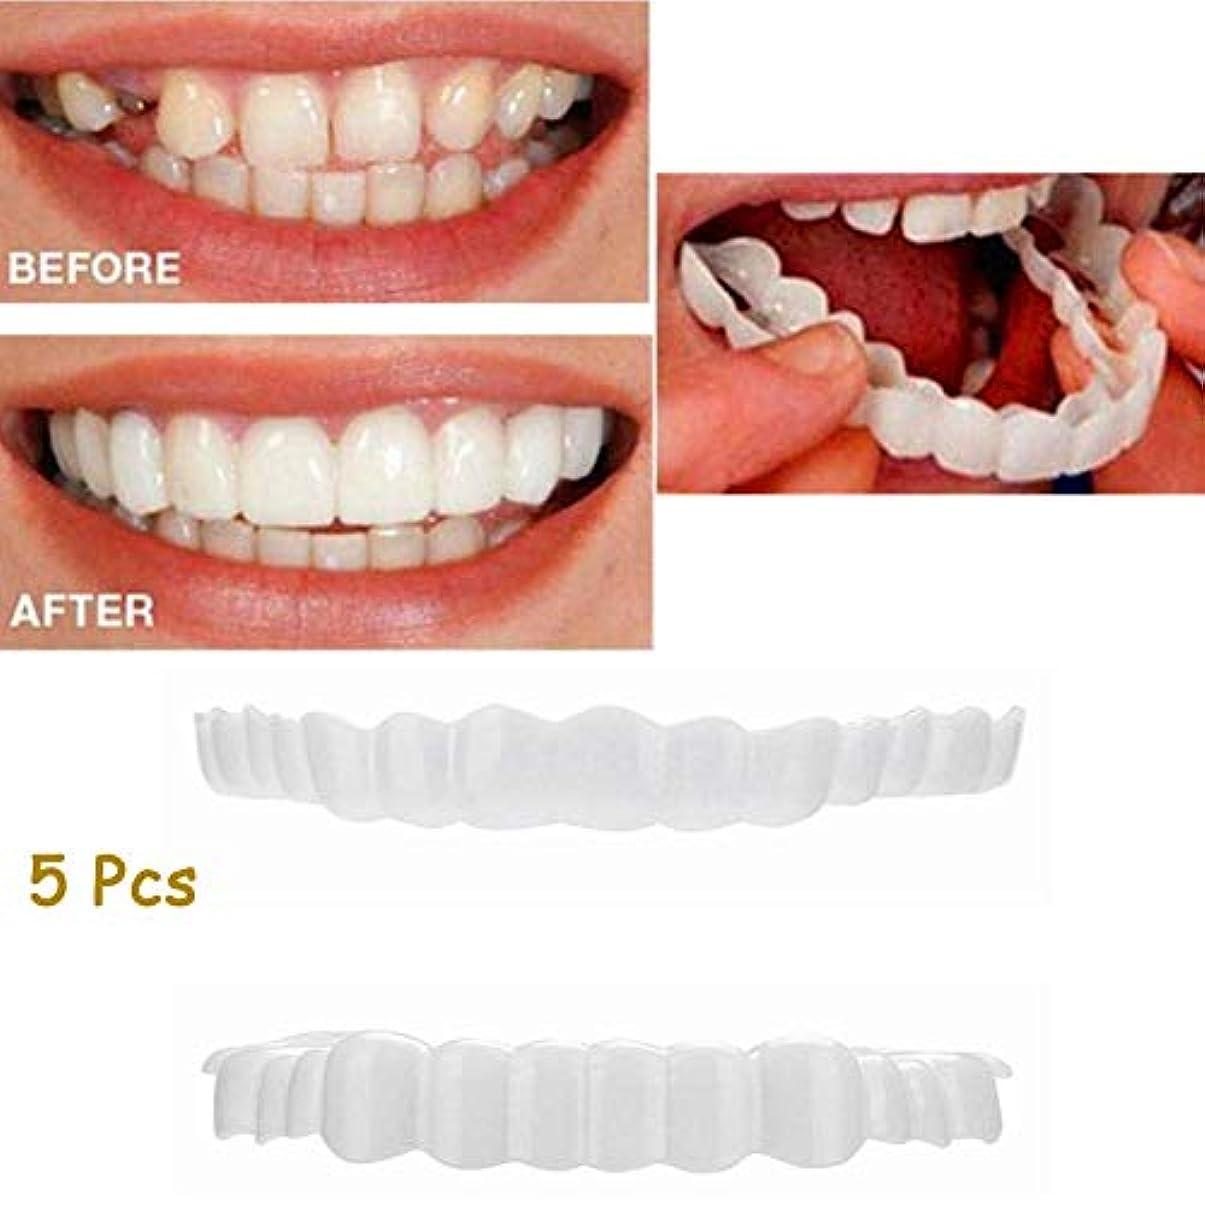 影影響する敵対的5本の上歯+下歯セット偽の歯を白くする完璧な化粧品の歯